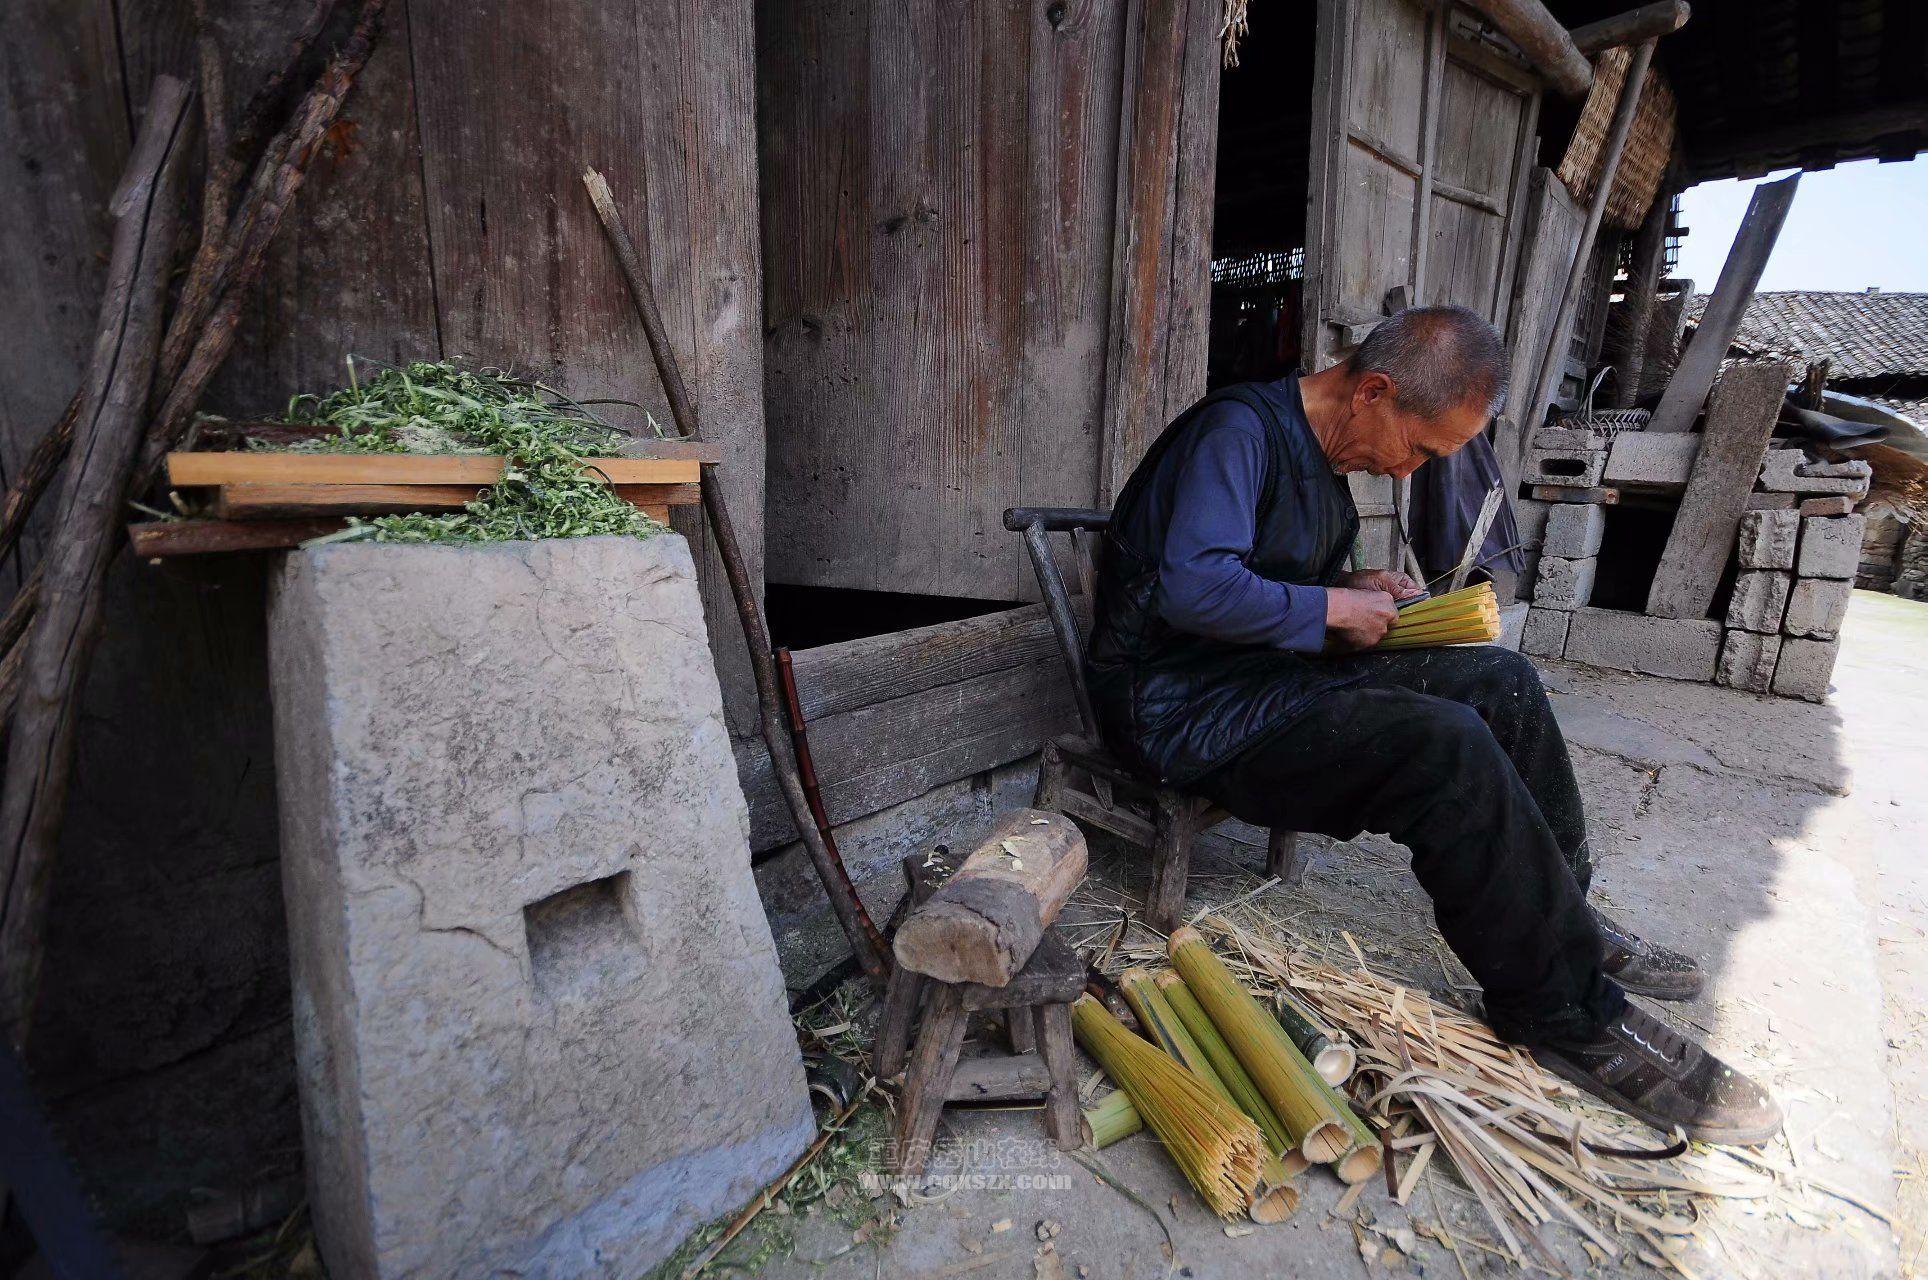 一把竹锅刷——承载了多少的辛酸与哀愁